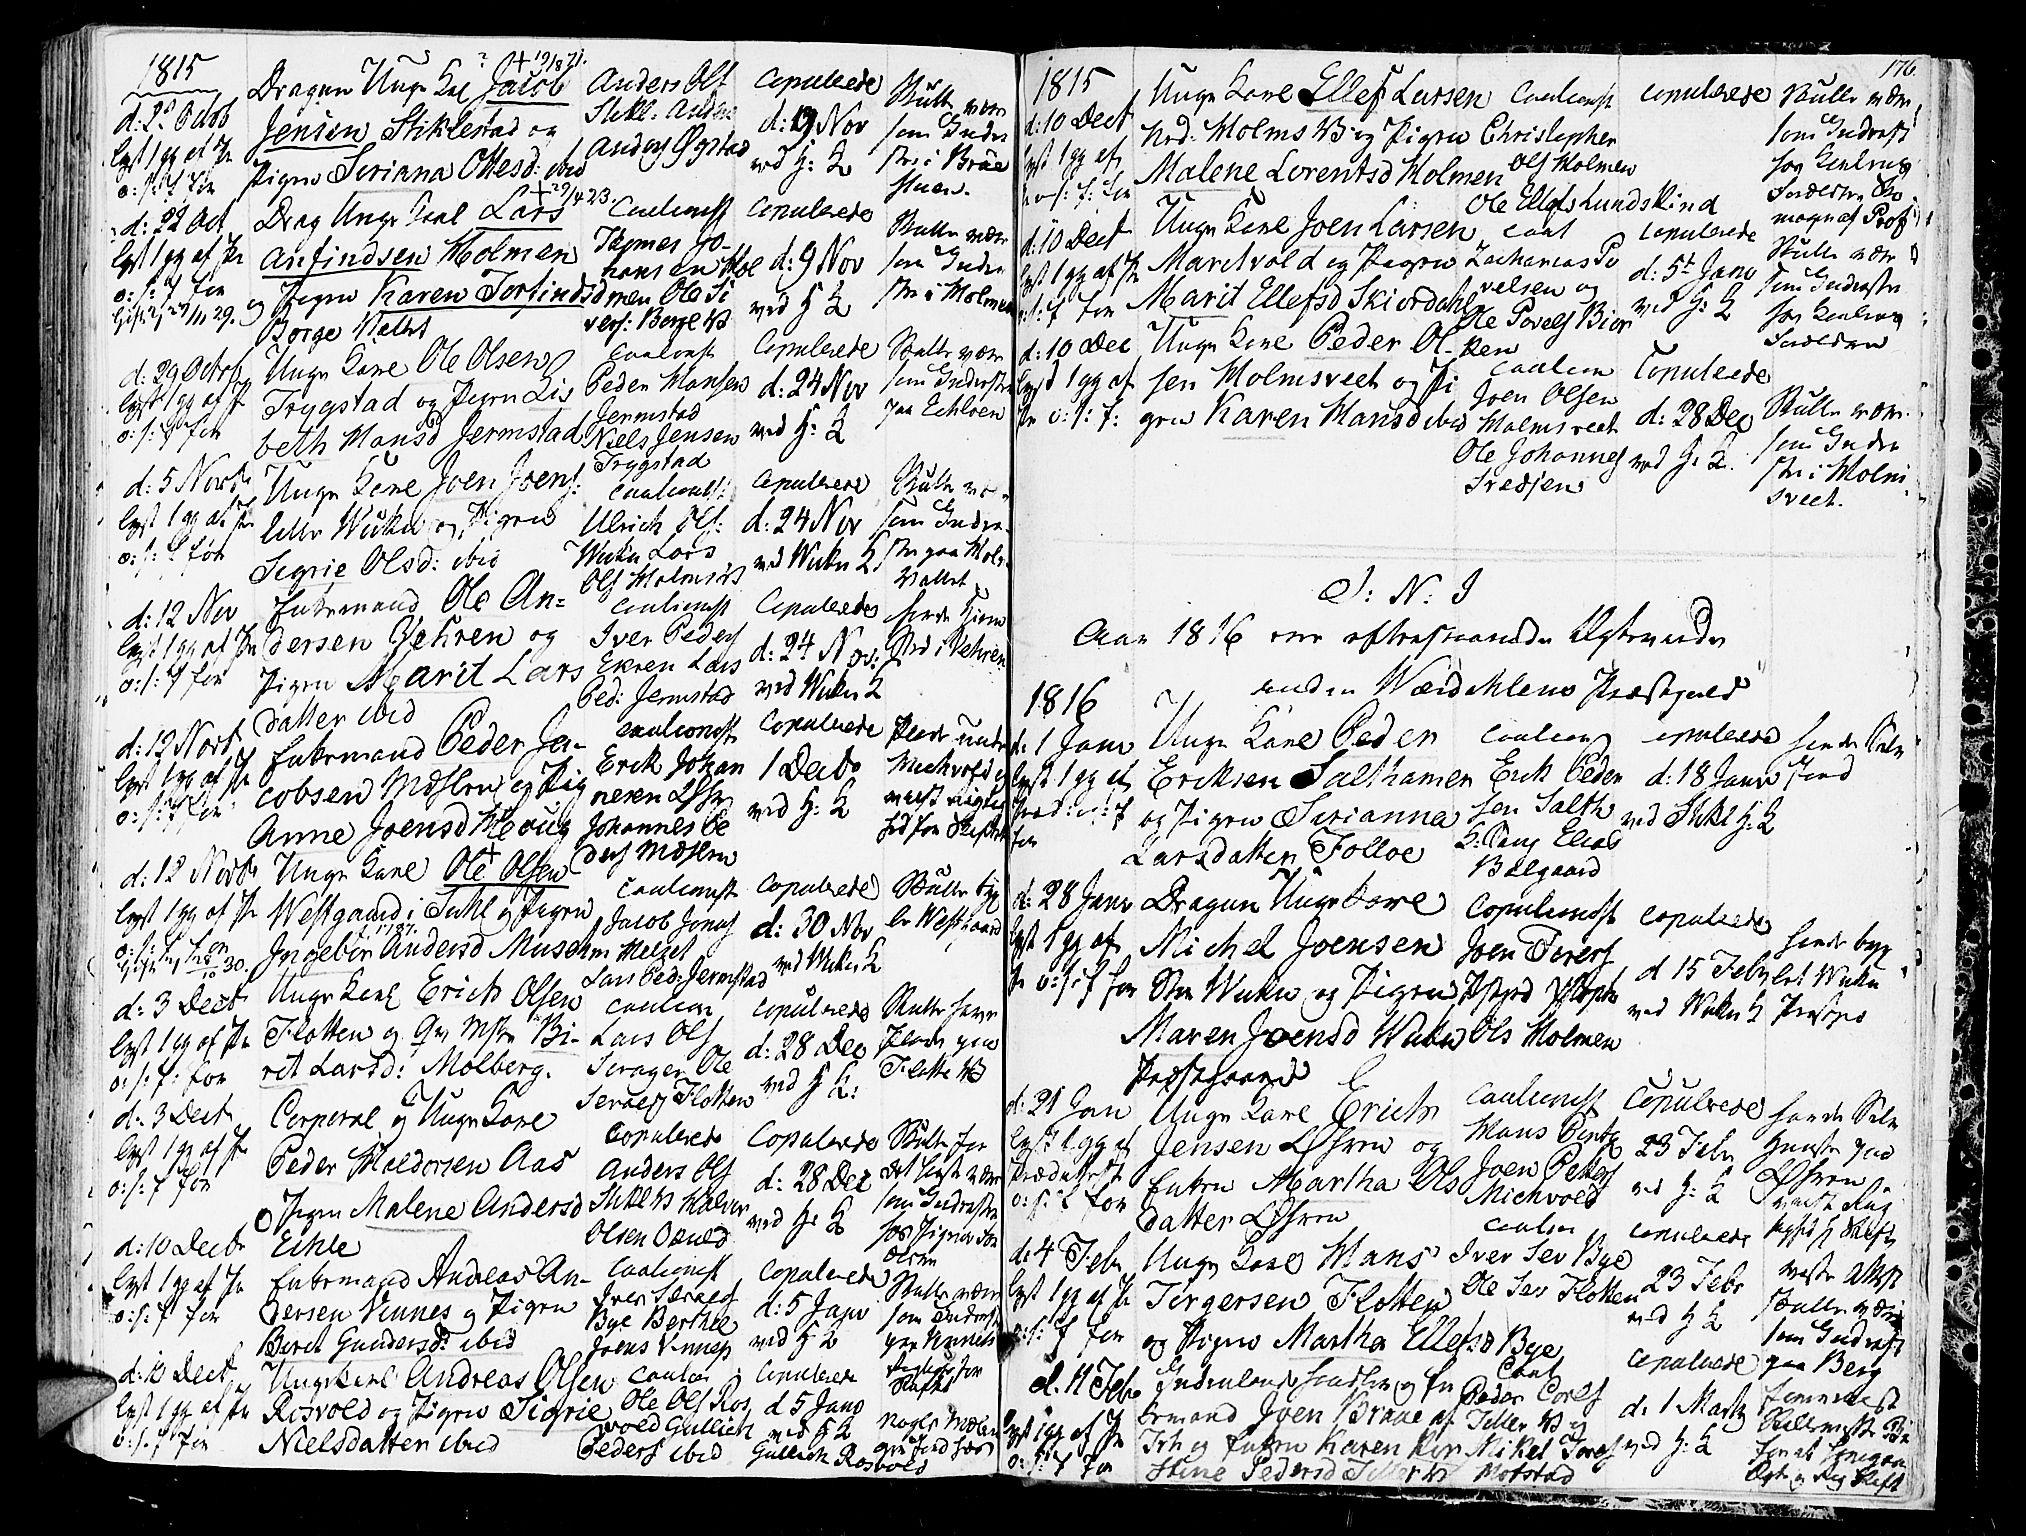 SAT, Ministerialprotokoller, klokkerbøker og fødselsregistre - Nord-Trøndelag, 723/L0233: Ministerialbok nr. 723A04, 1805-1816, s. 176